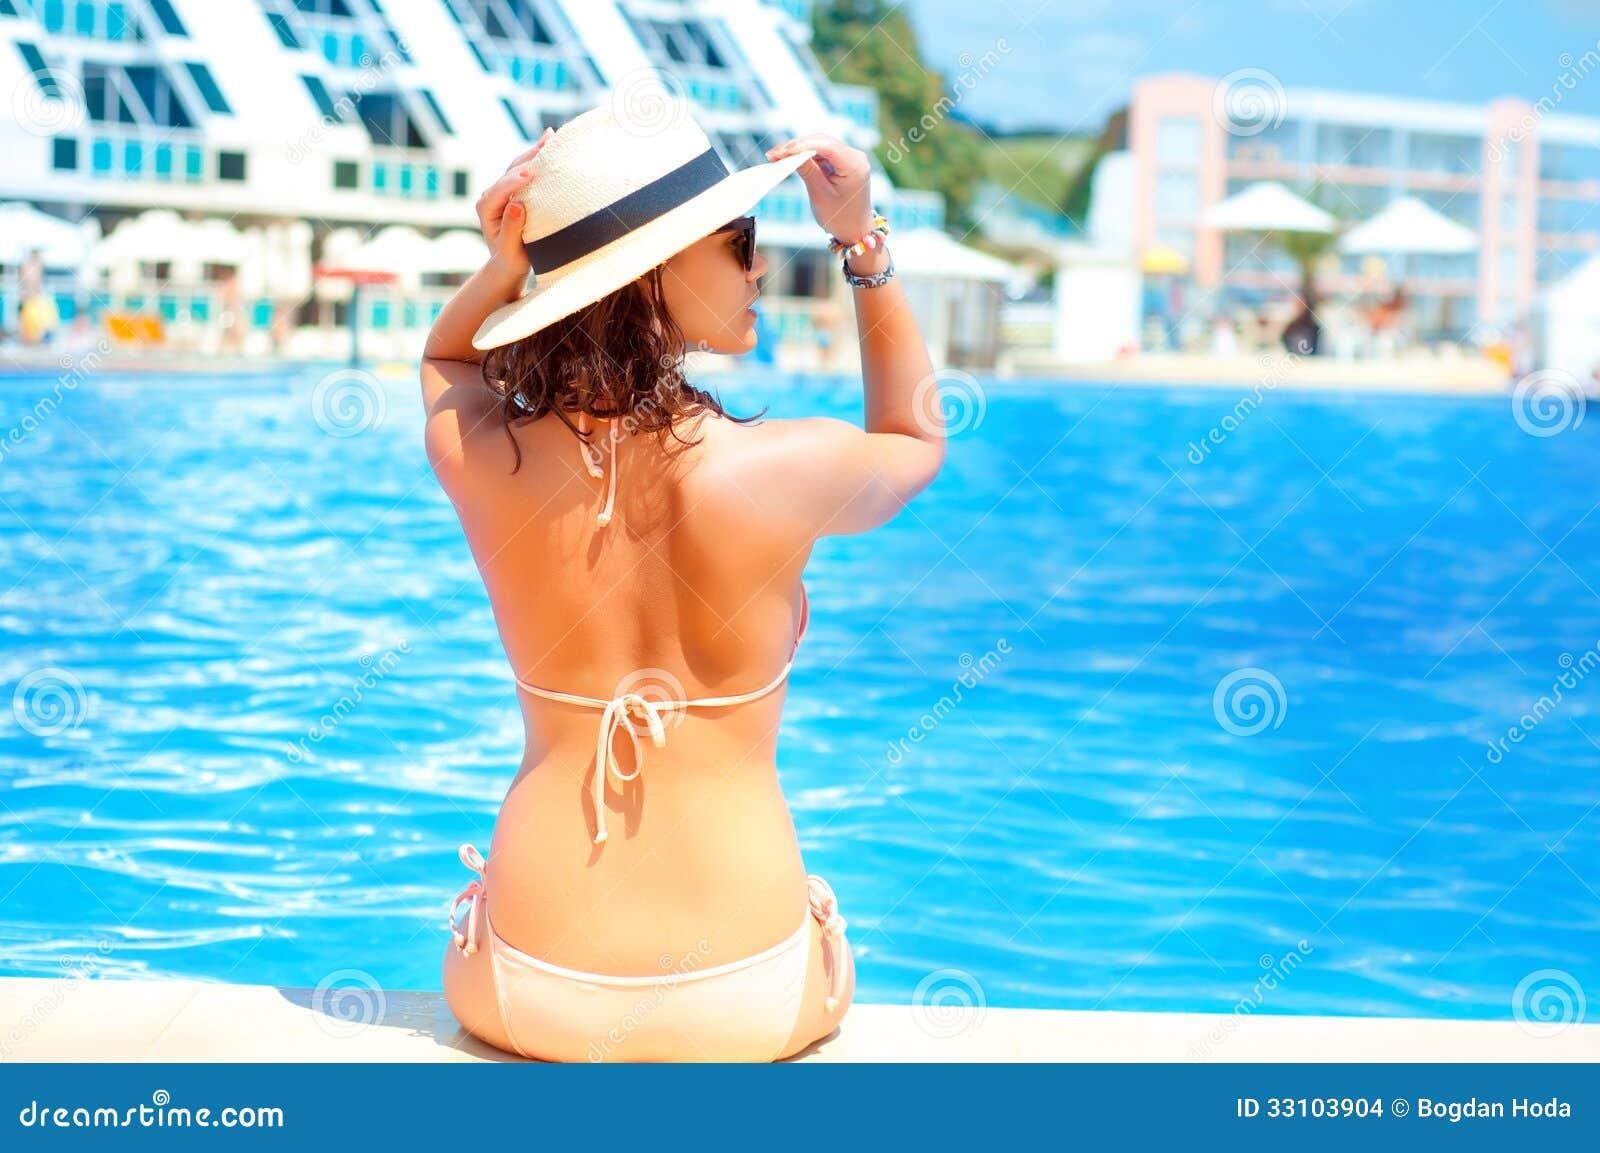 Heiße Schönheit im Hut und in Bikini, die am Pool stehen